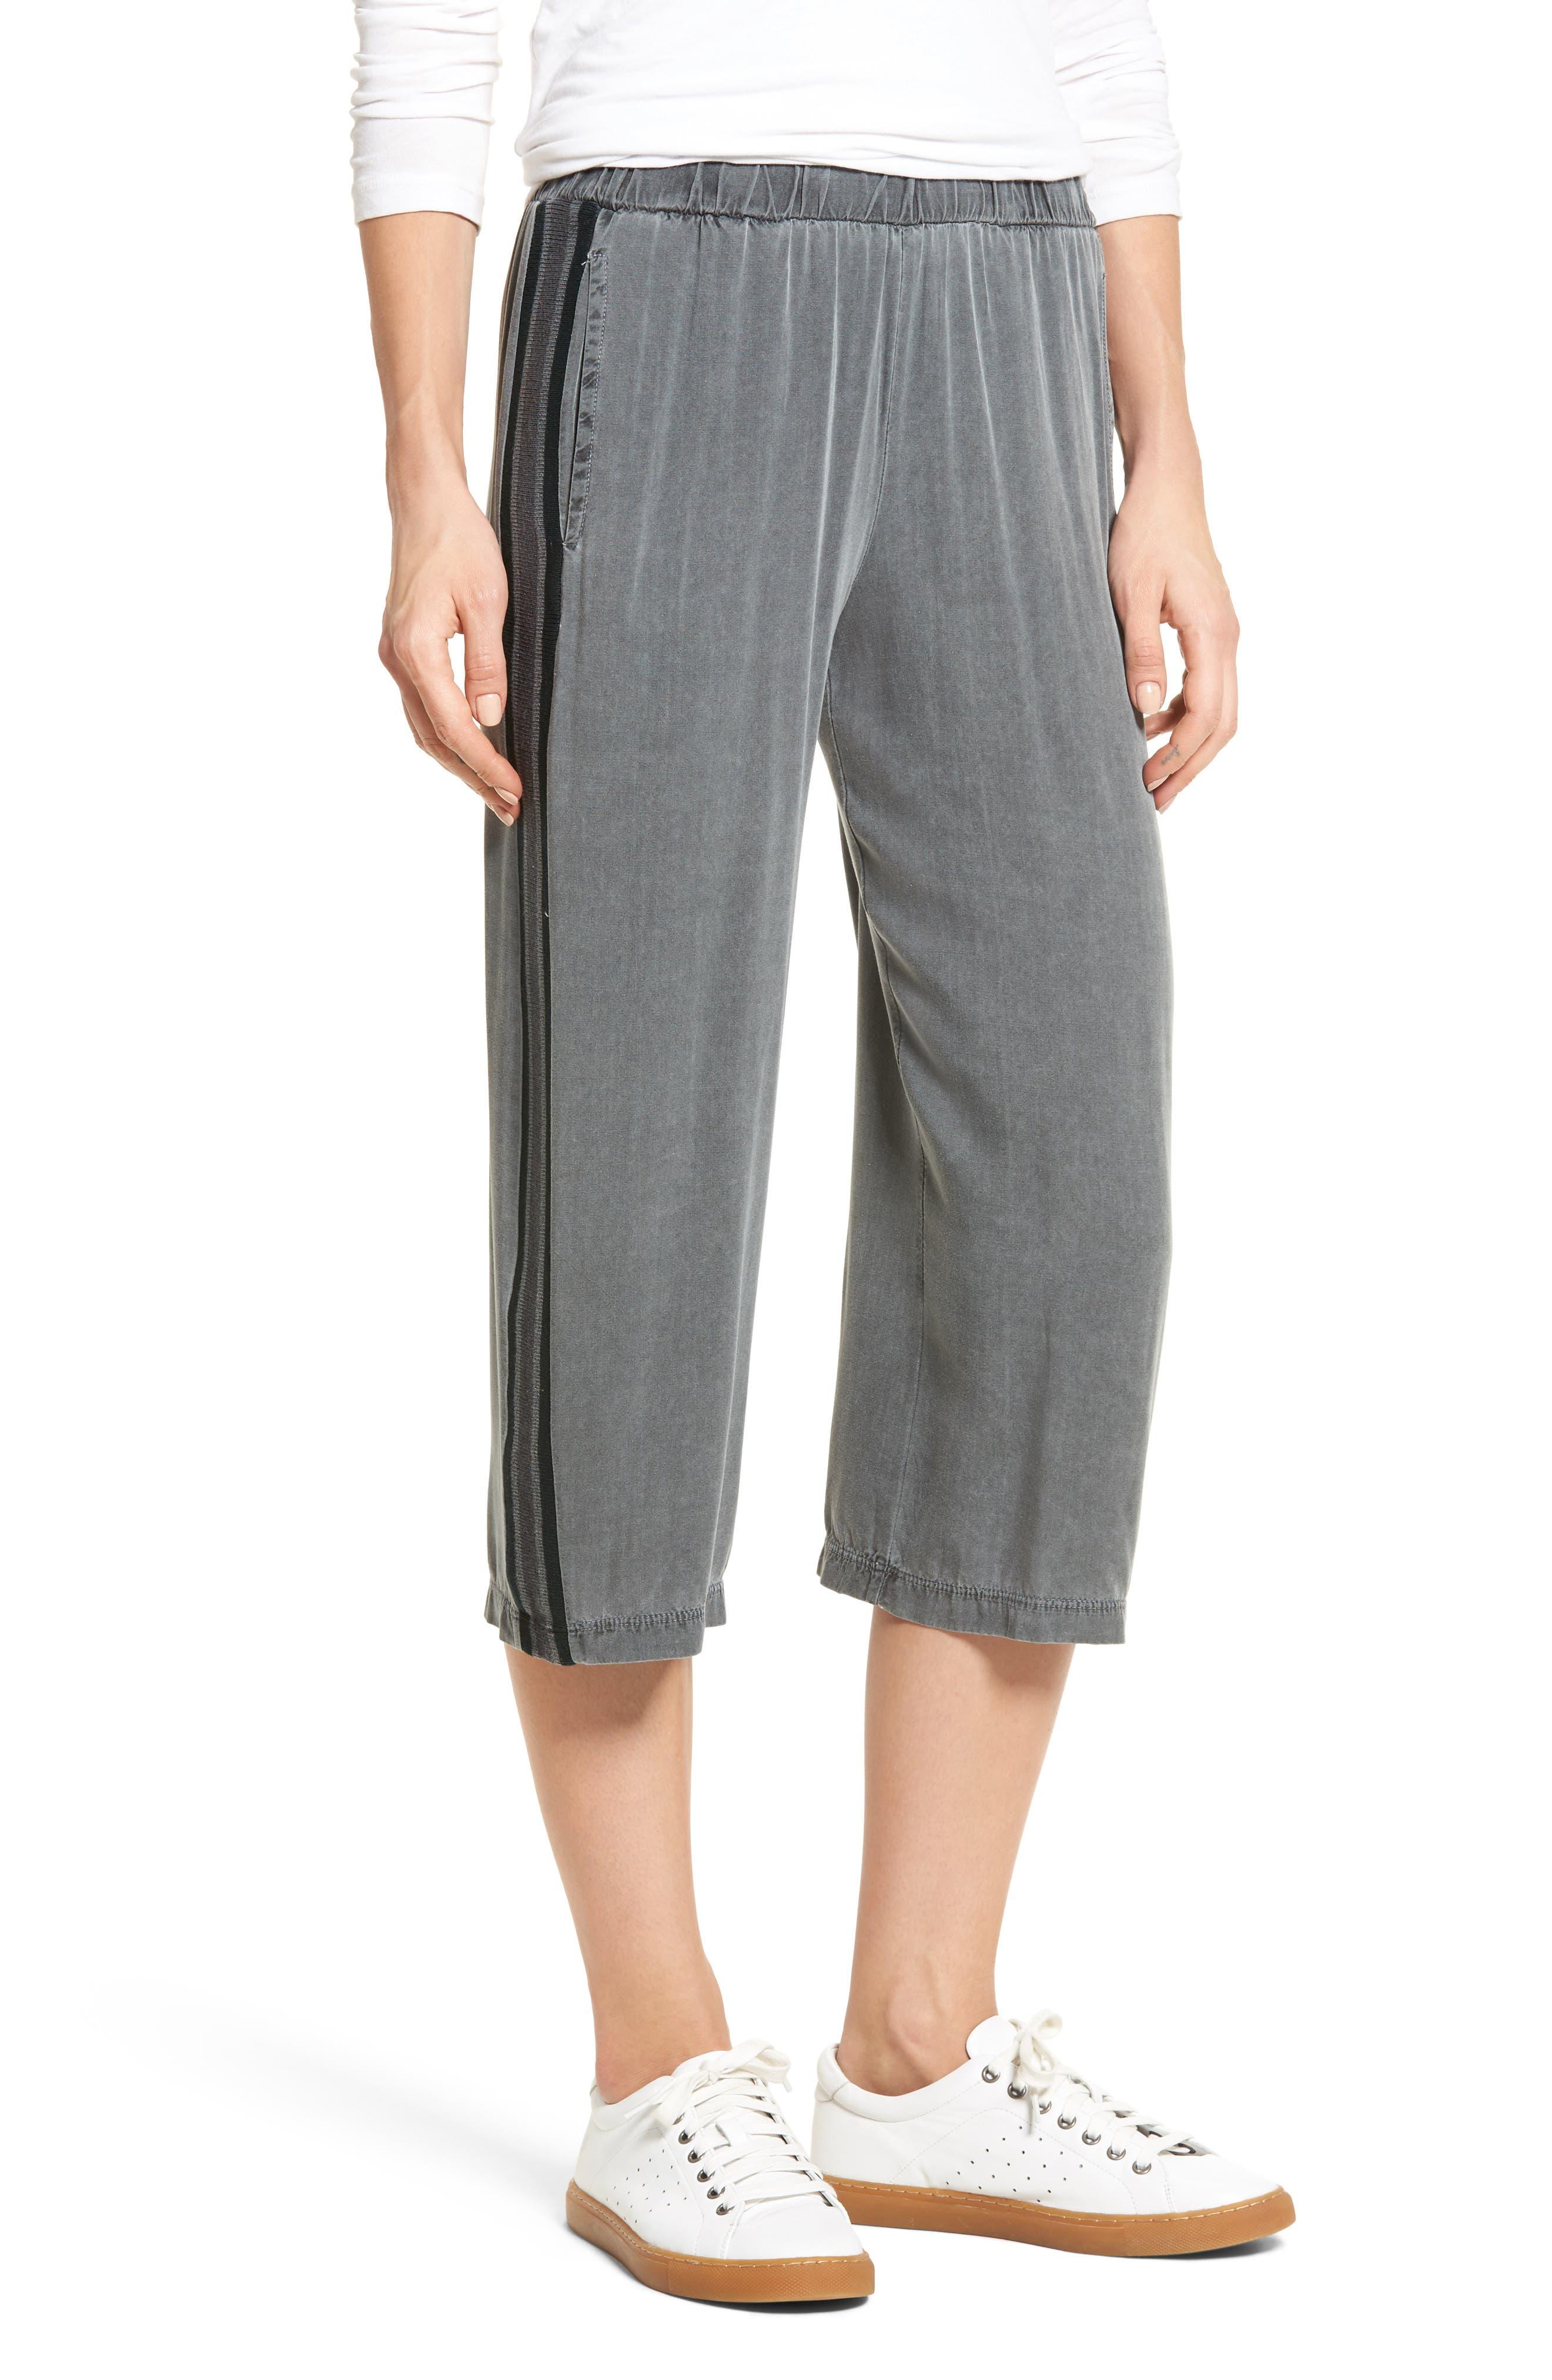 Stripe Crop Pants,                             Main thumbnail 1, color,                             020